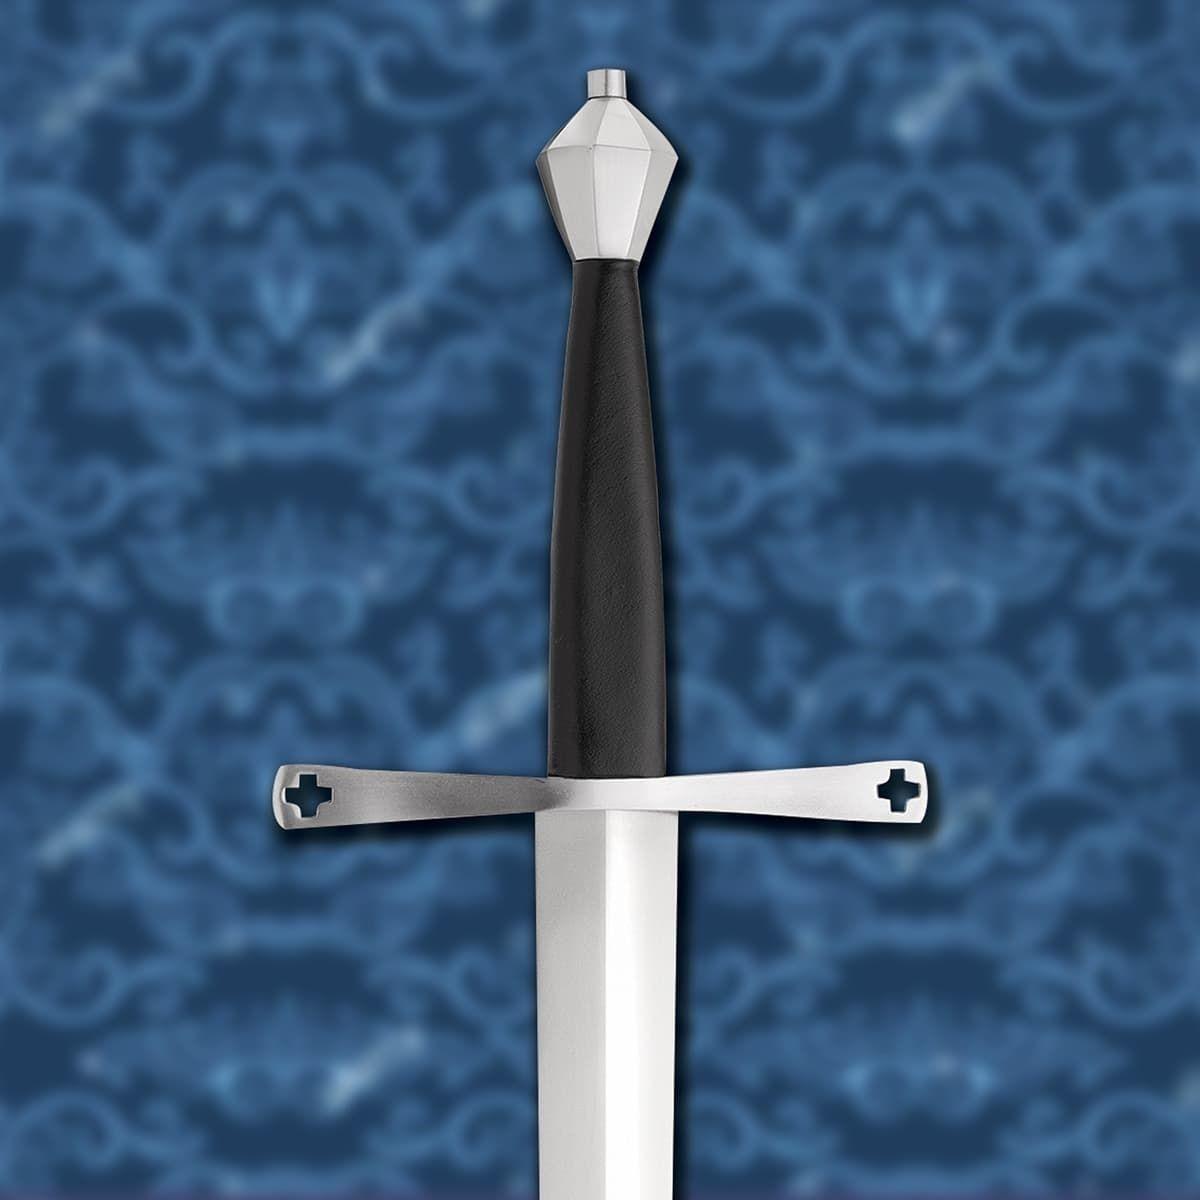 Shrewsbury Sword Hilt